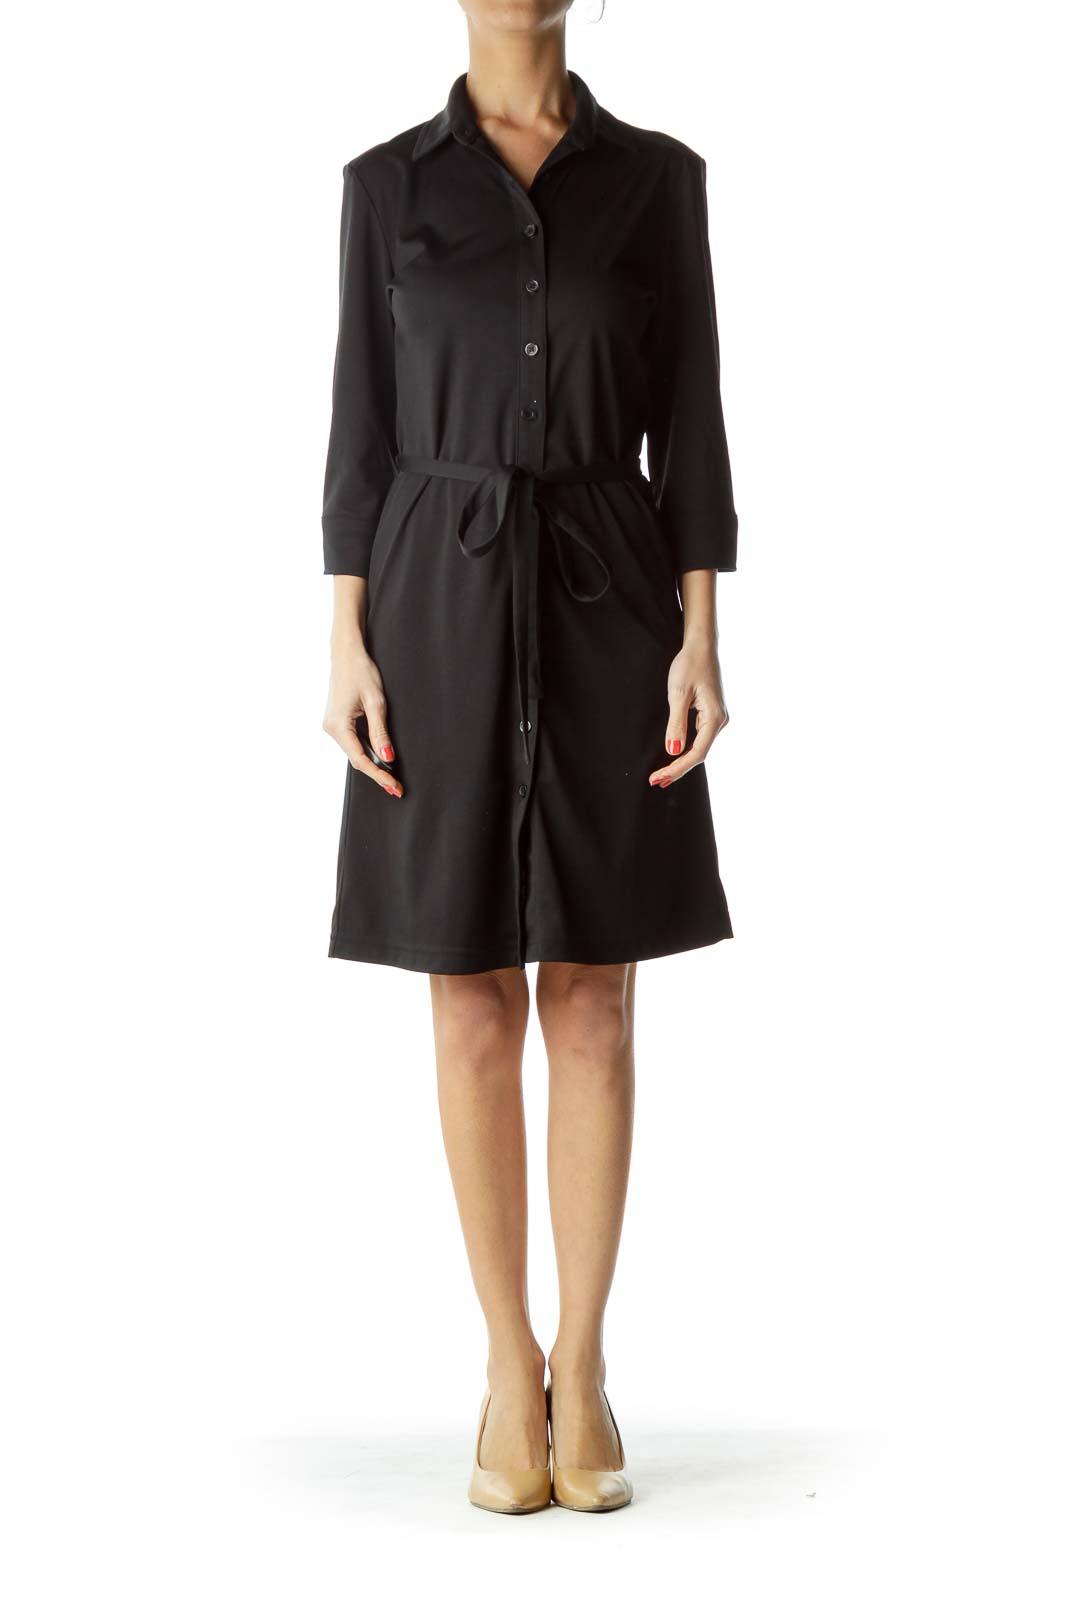 Black Buttoned Long Sleeve Work Dress